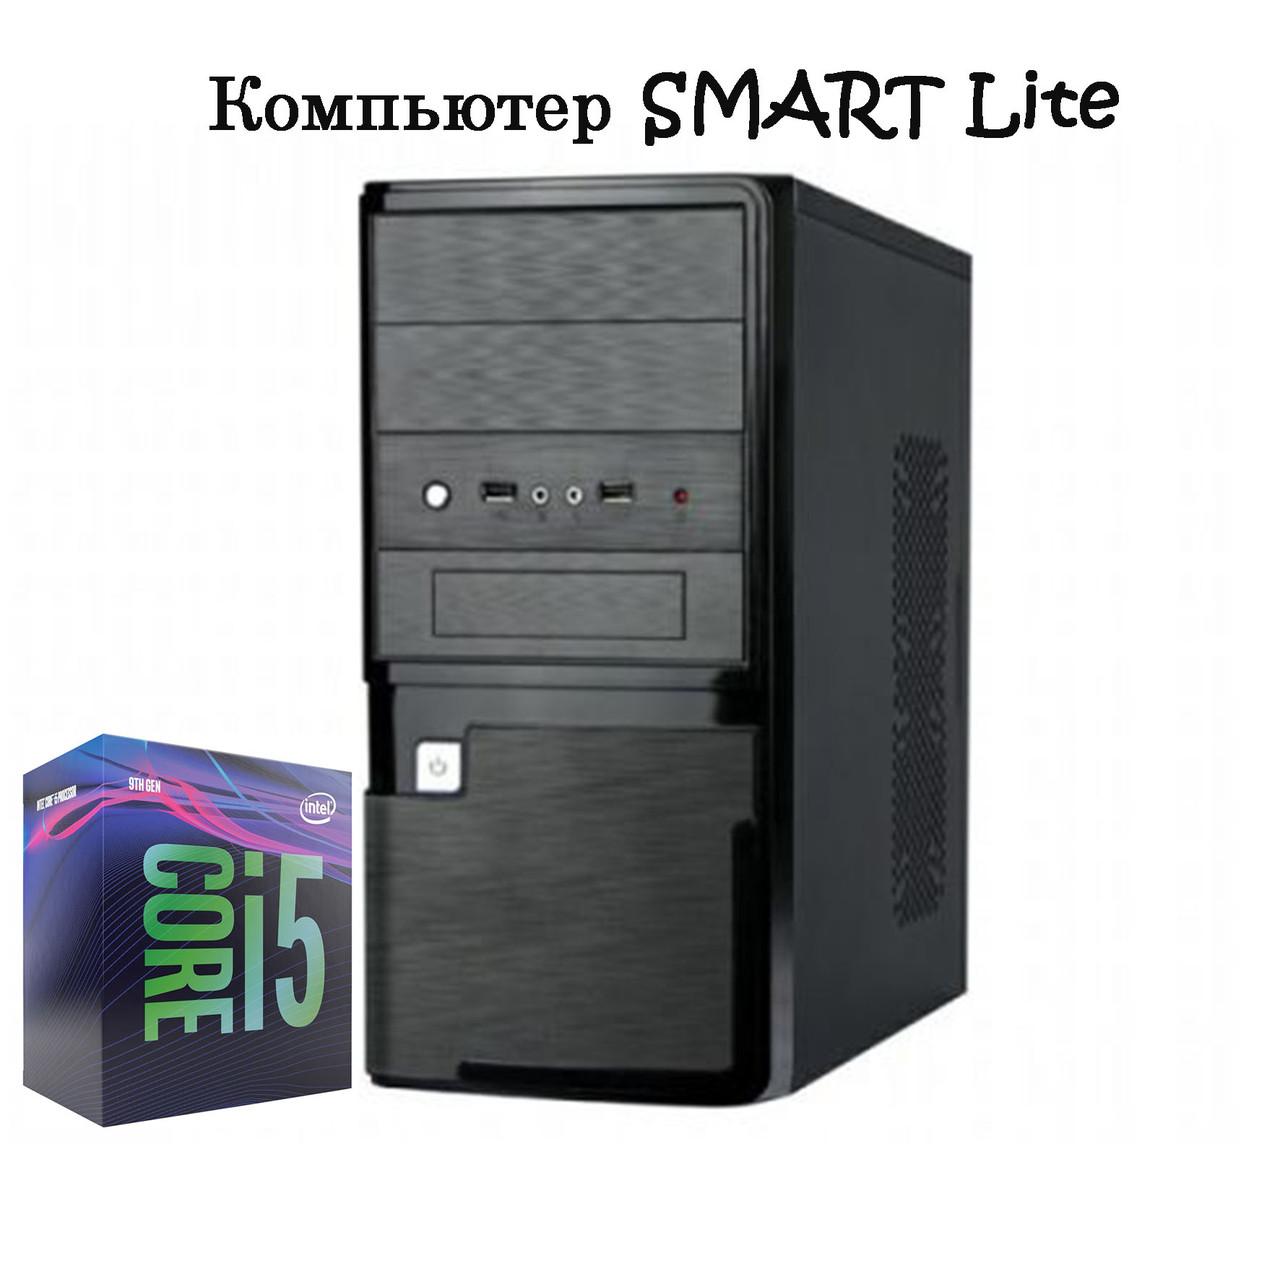 Компьютер Smart, lite intel i5 9400F/H310/DDR4 4GB/ HDD 1TB/GT 210